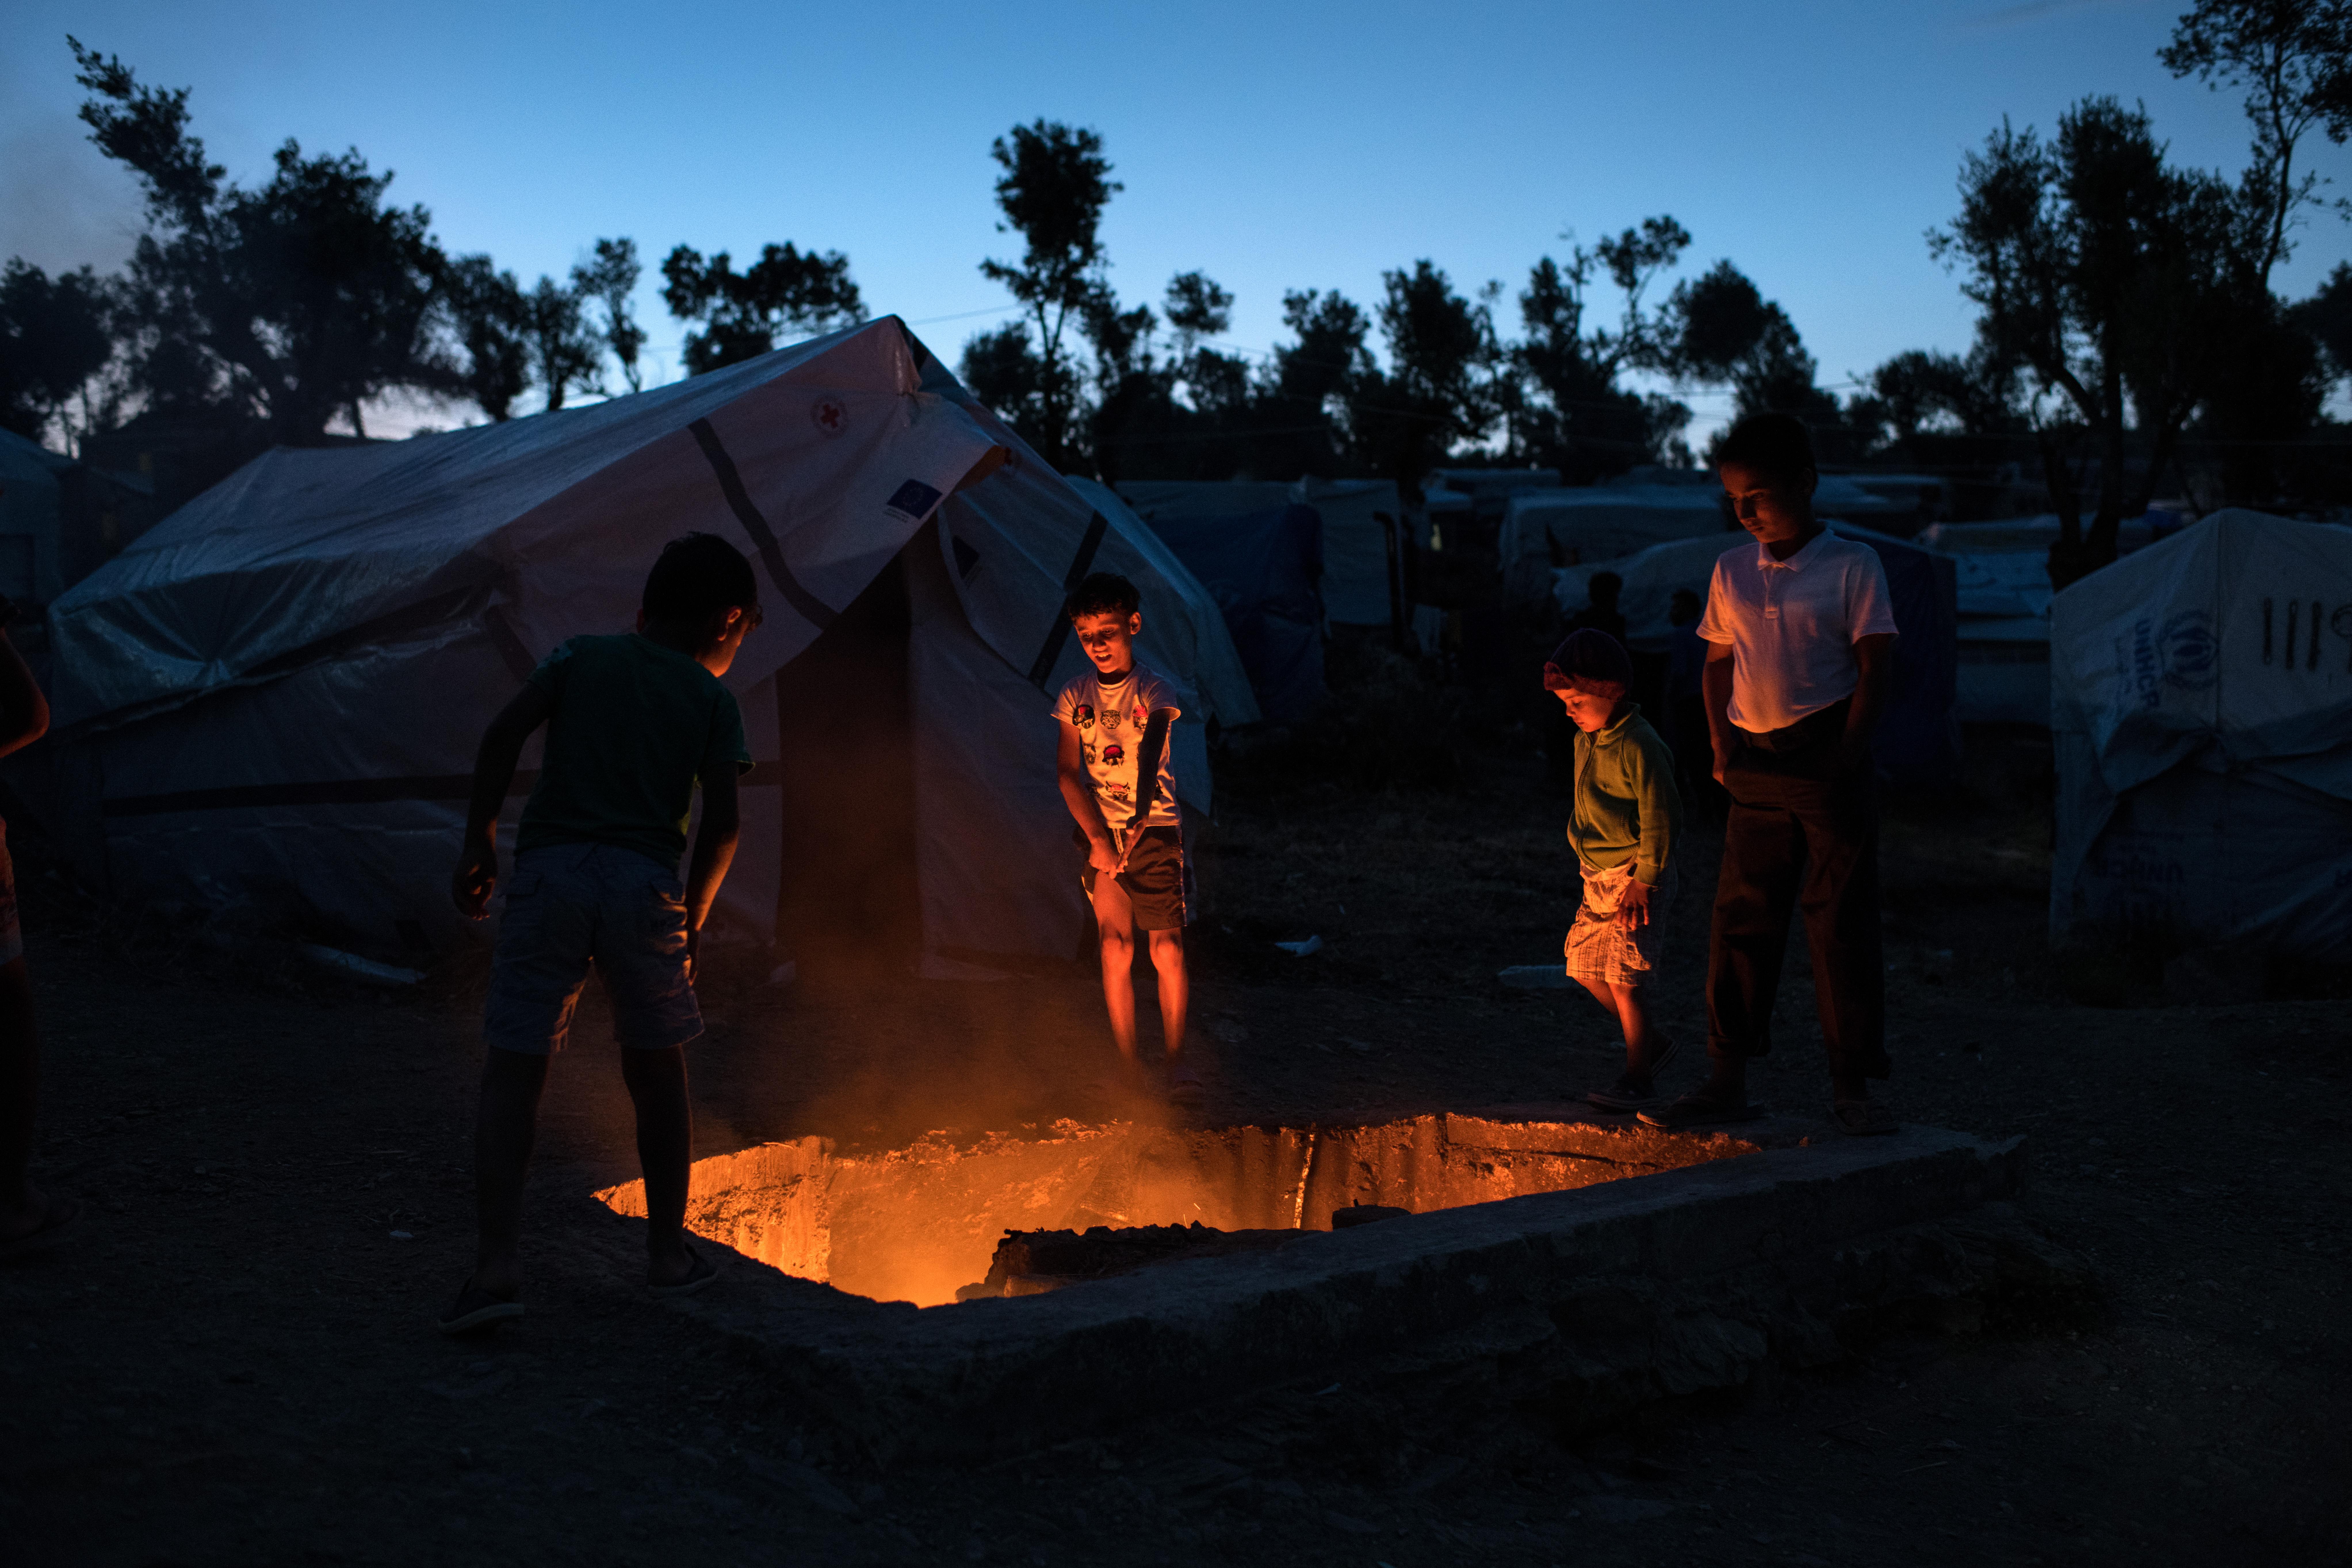 À la tombée de la nuit, dans le camp de Moria, mai 2018. ©Robin Hammond/Witness Change